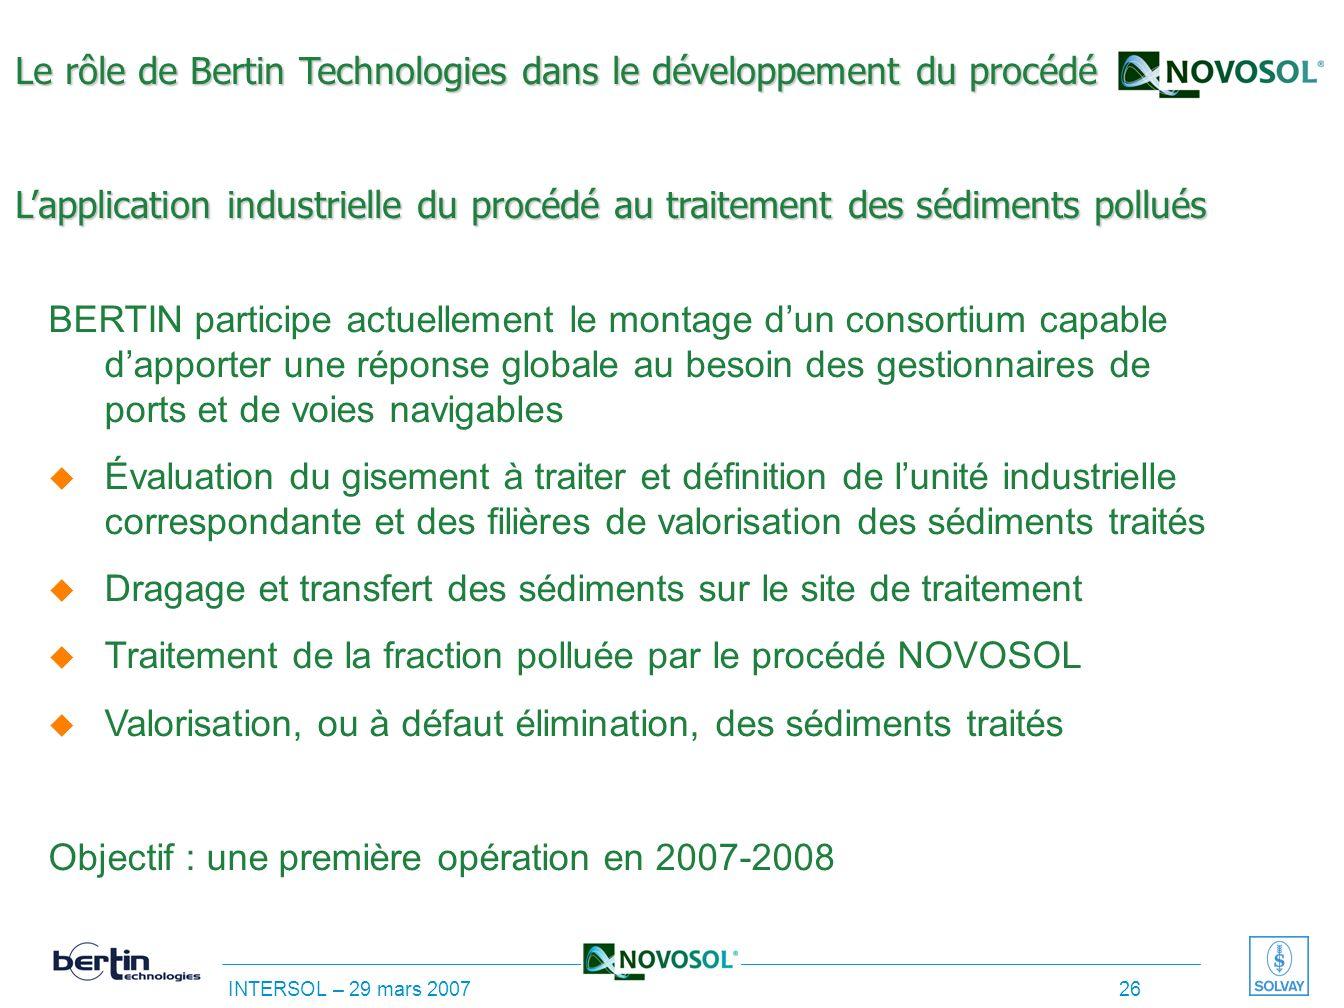 Le rôle de Bertin Technologies dans le développement du procédé L'application industrielle du procédé au traitement des sédiments pollués